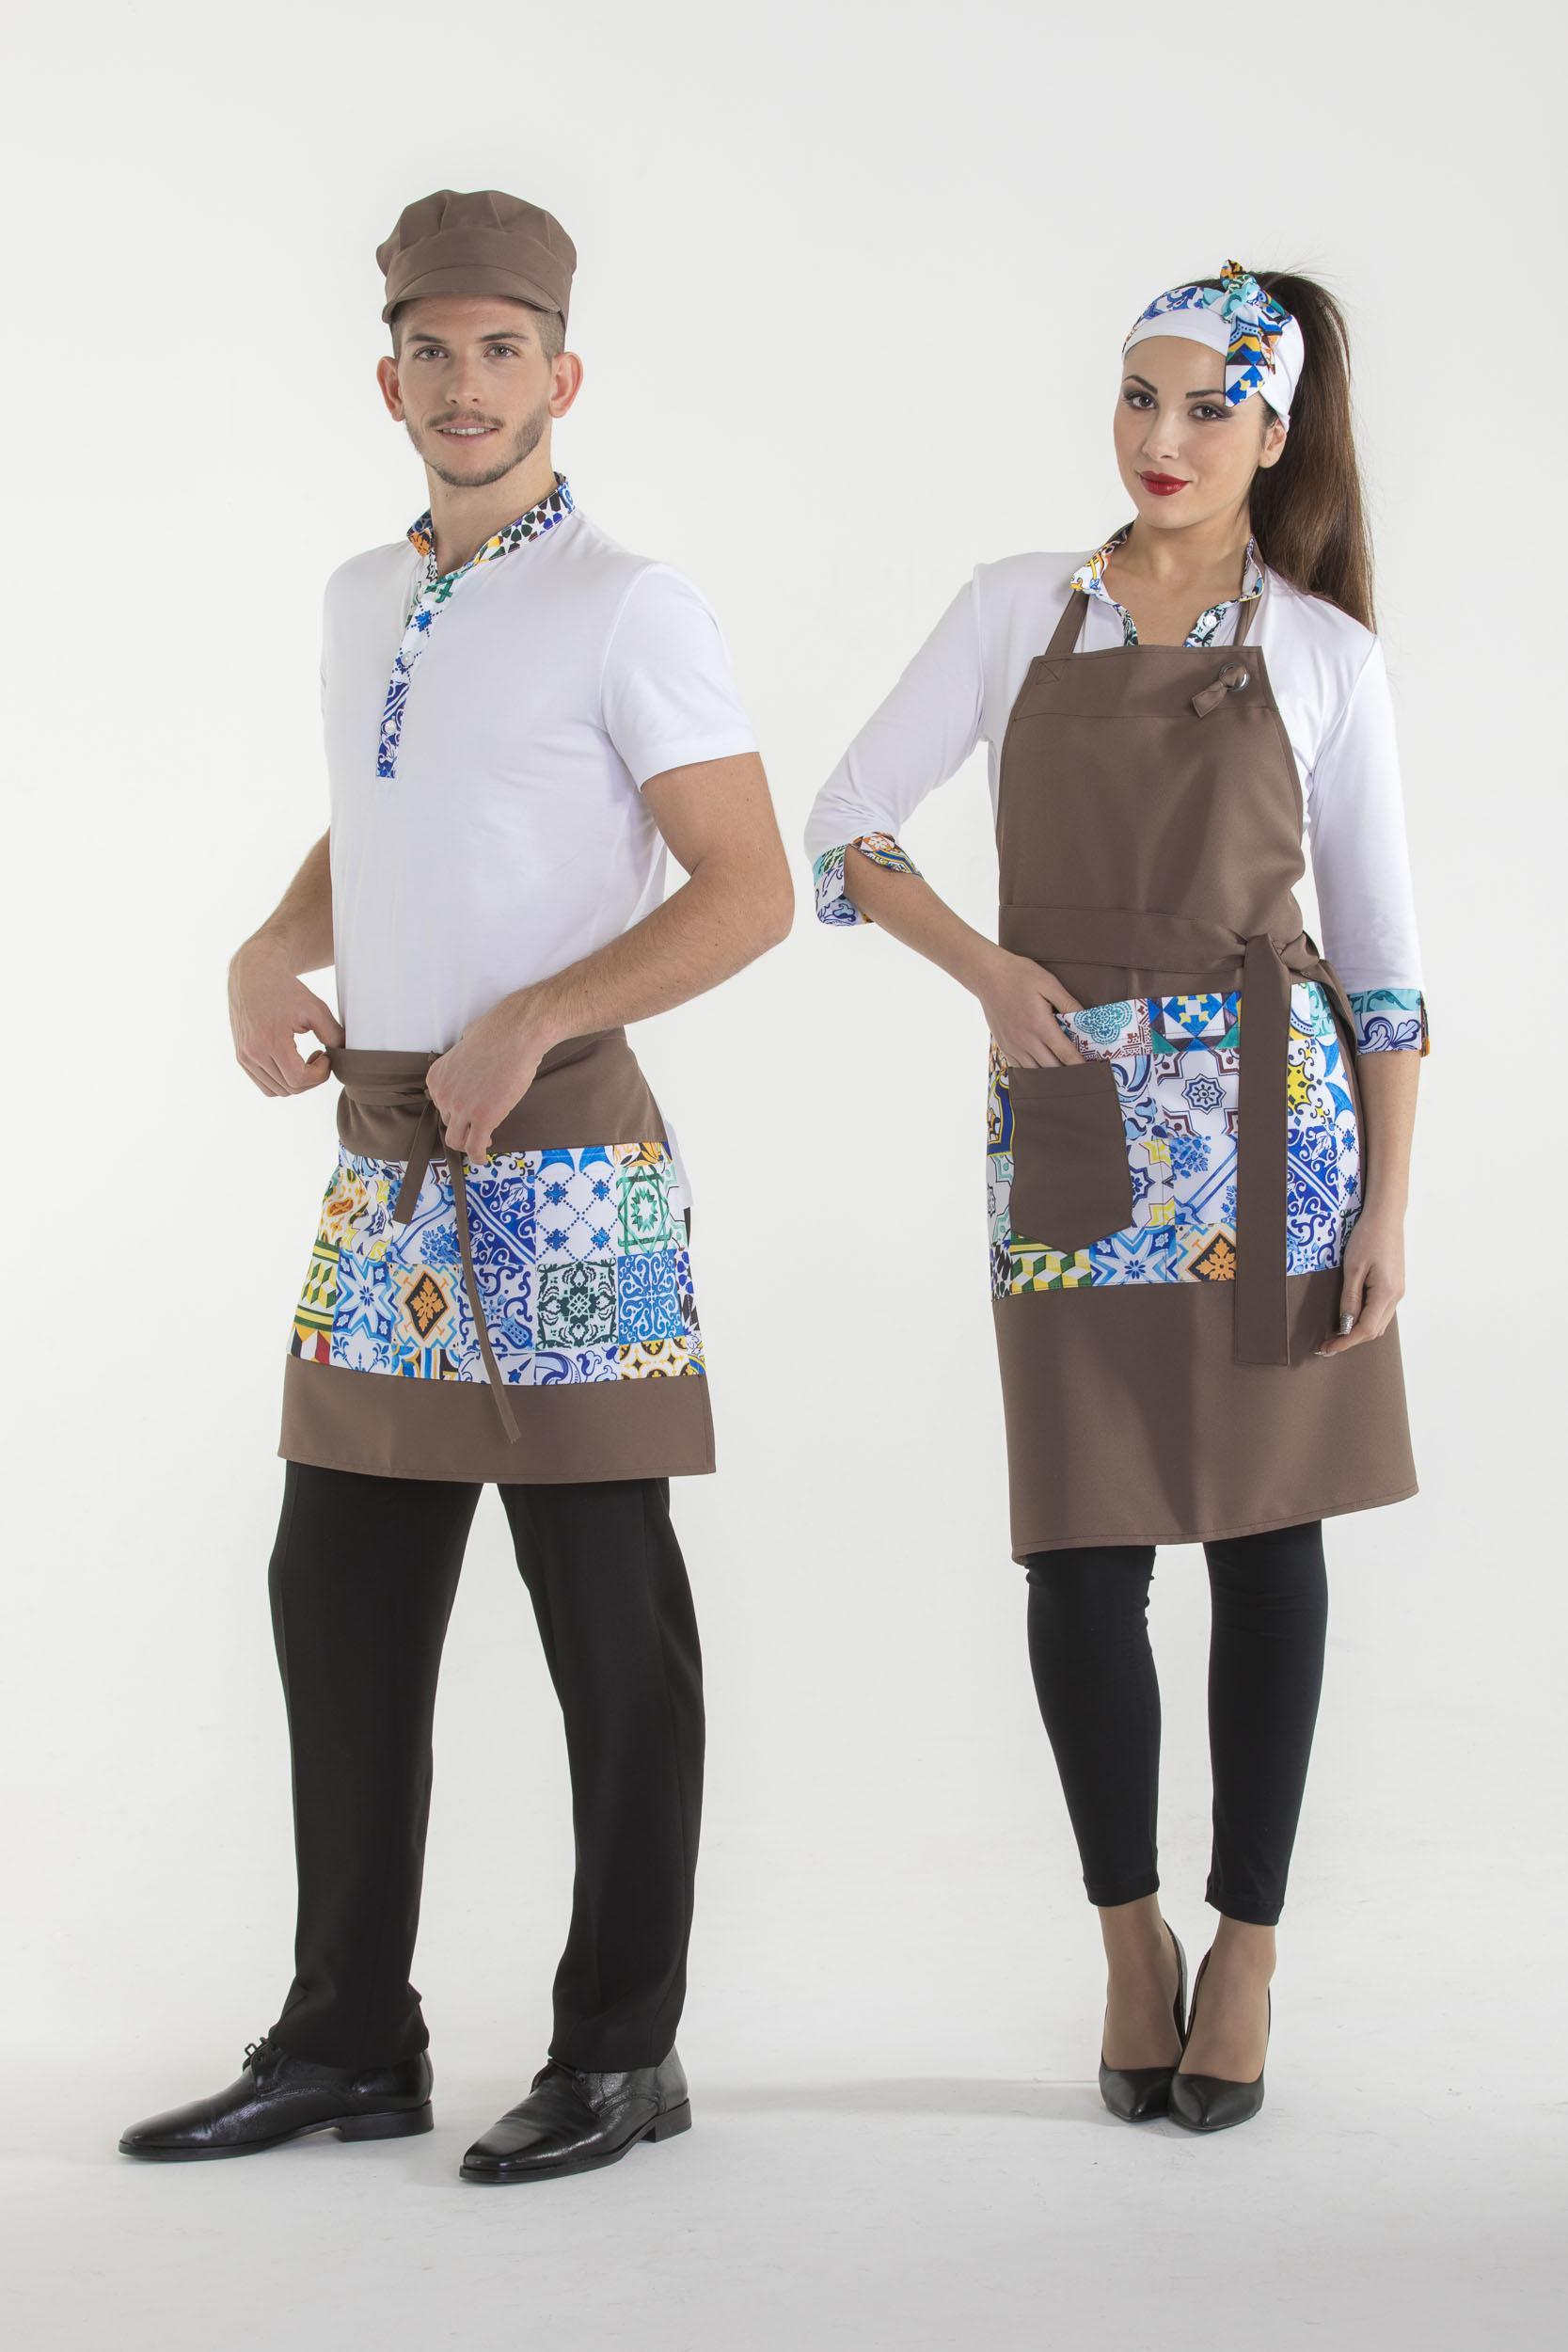 Abbigliamento ristorante|Polo camicie, pantaloni, Made in Italy-Creativity clothingsxwork-